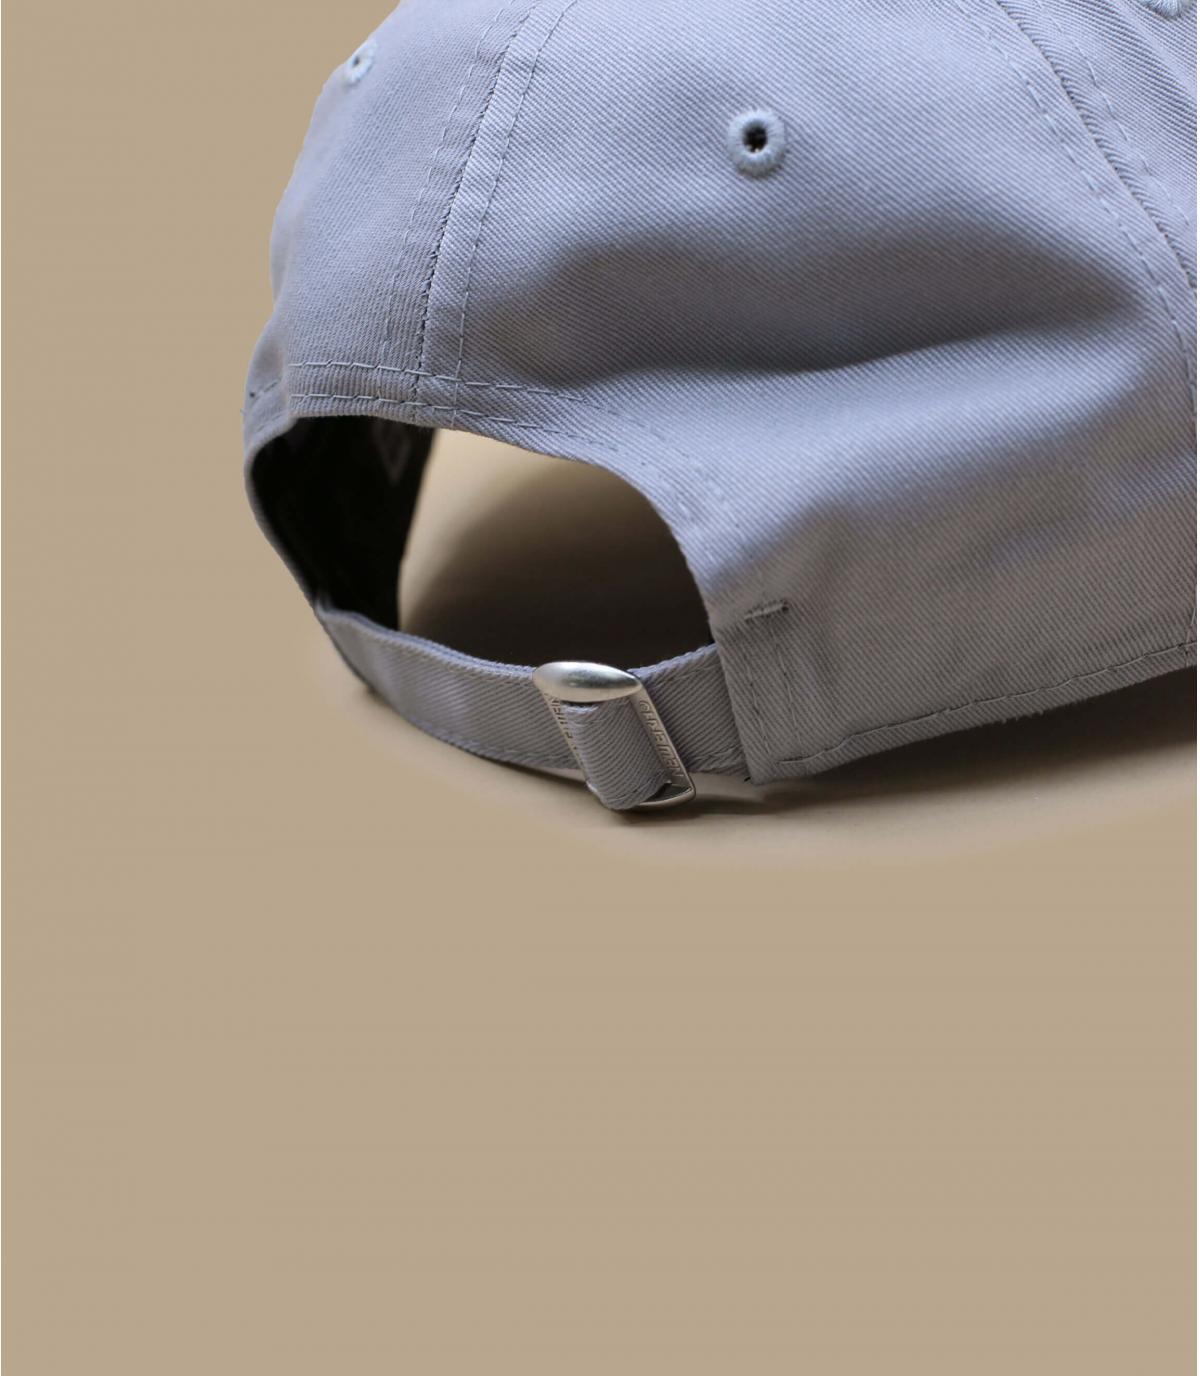 Details Infill LA 940 gray - Abbildung 4